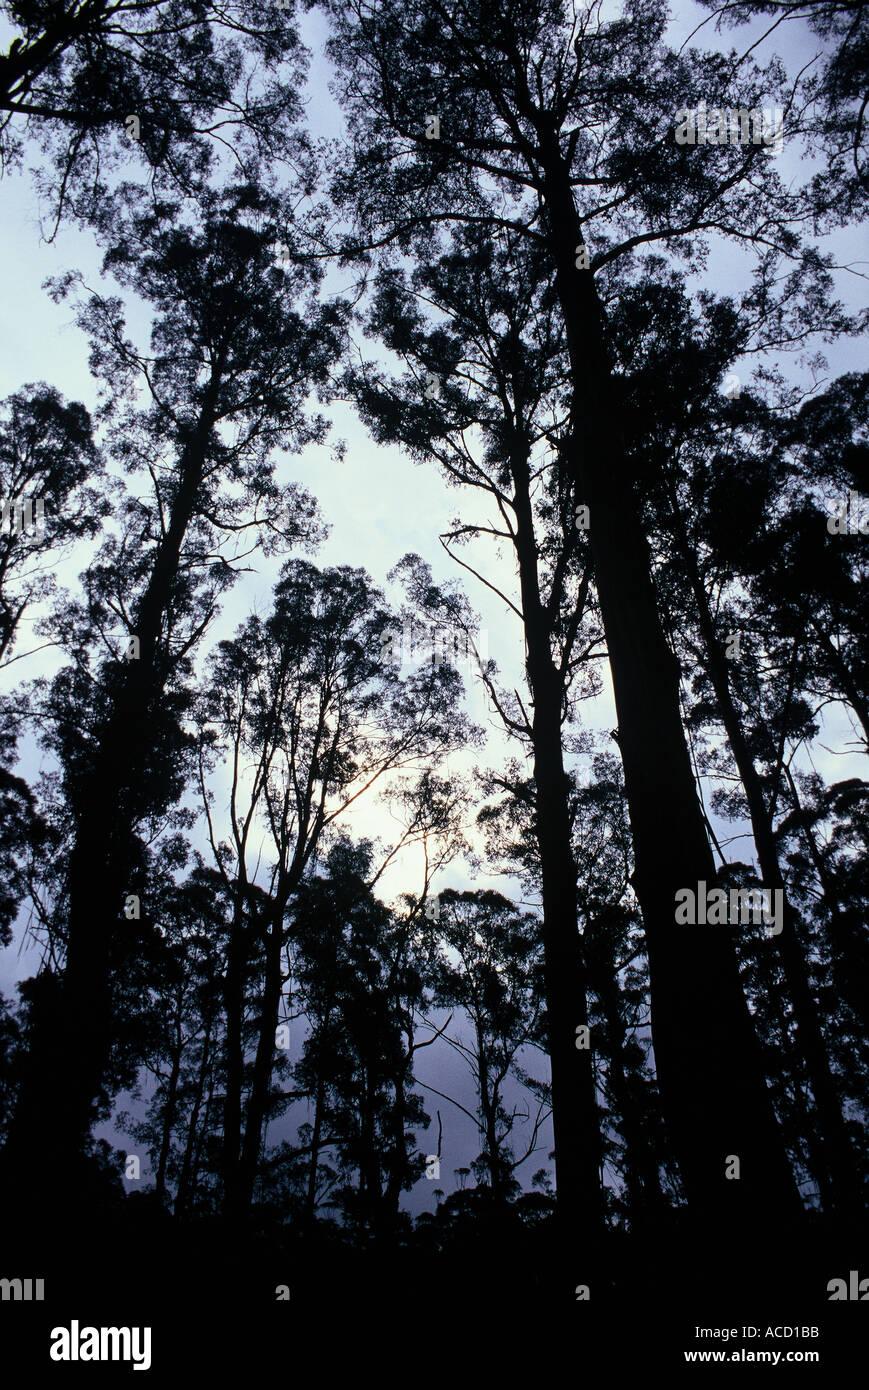 Mountain ash trees - Stock Image